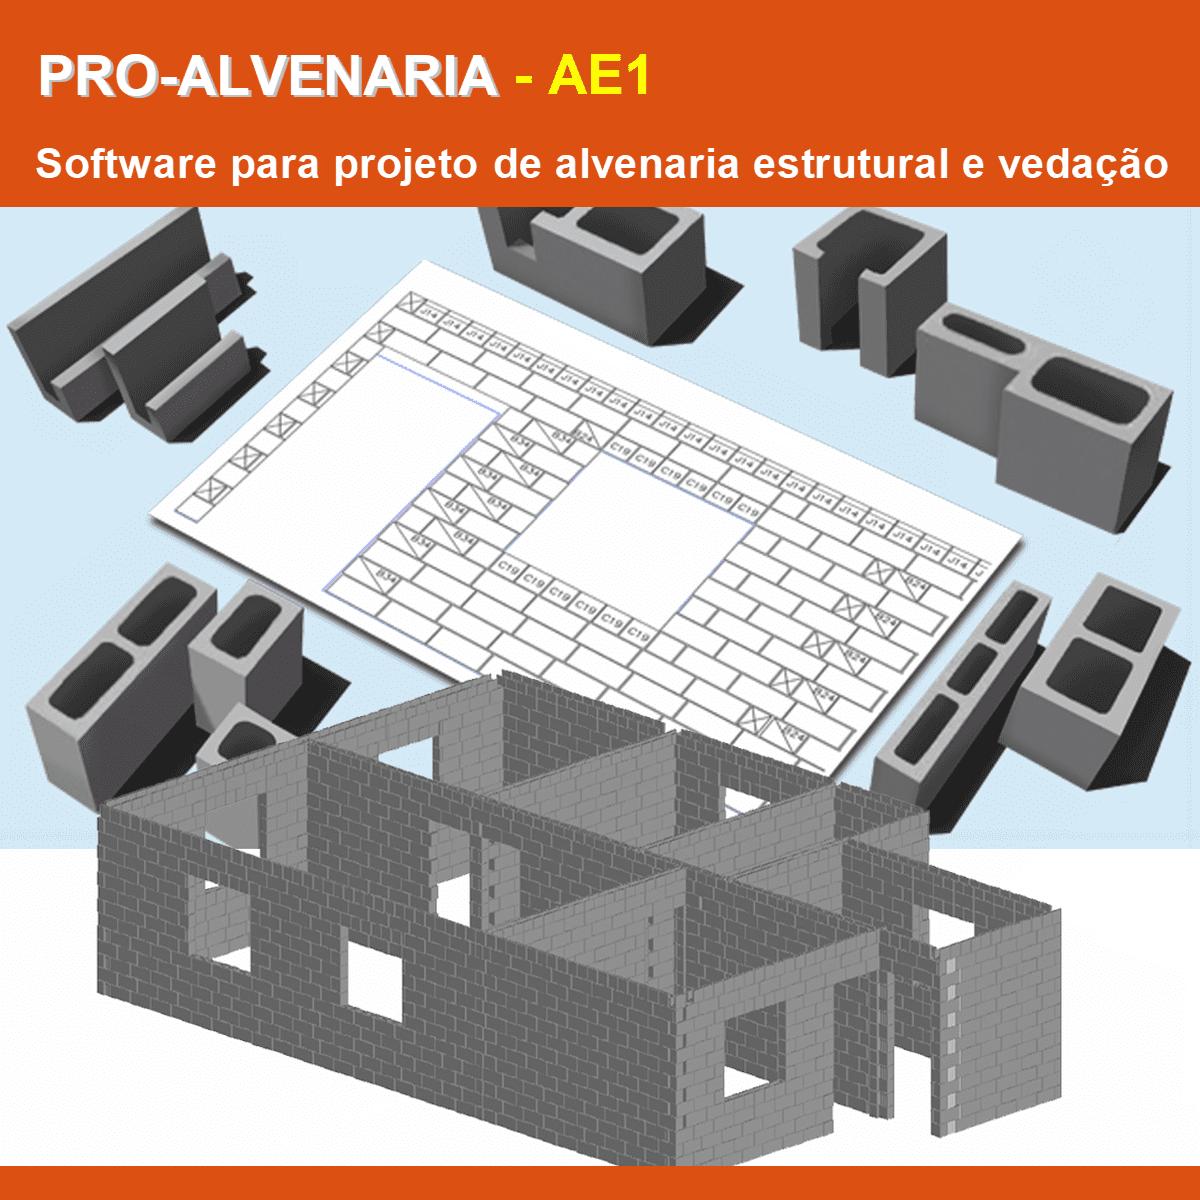 Software PRO-Alvenaria versão 18 Pacote AE1